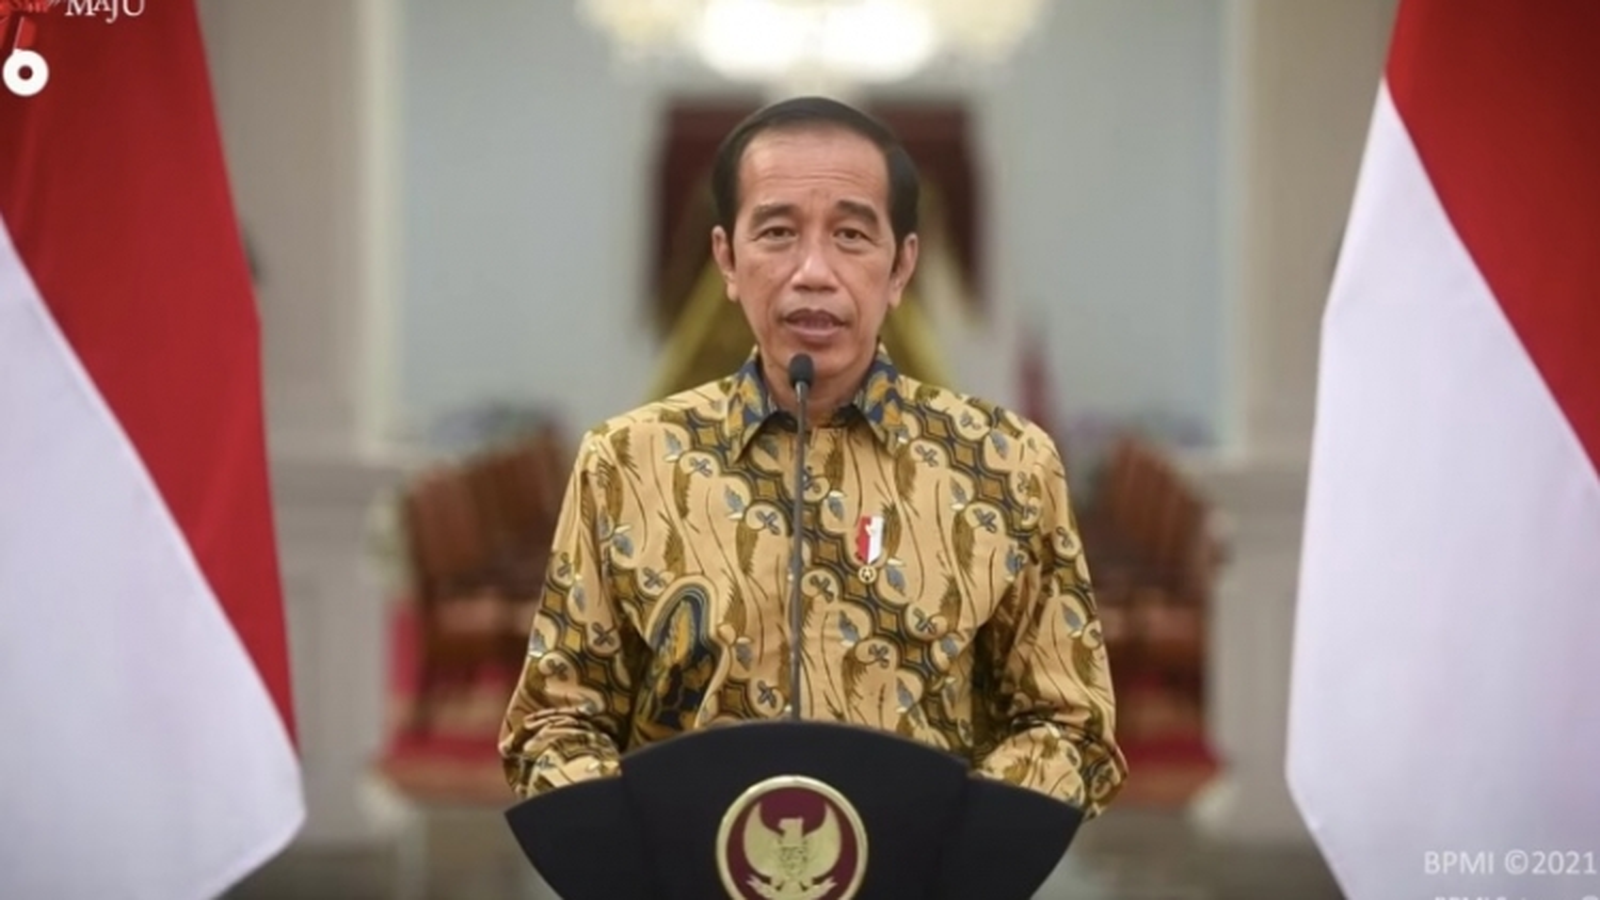 Thêm nhiều người chết do Covid-19, Indonesia kéo dài giới hạn khẩn cấp thêm 1 tuần